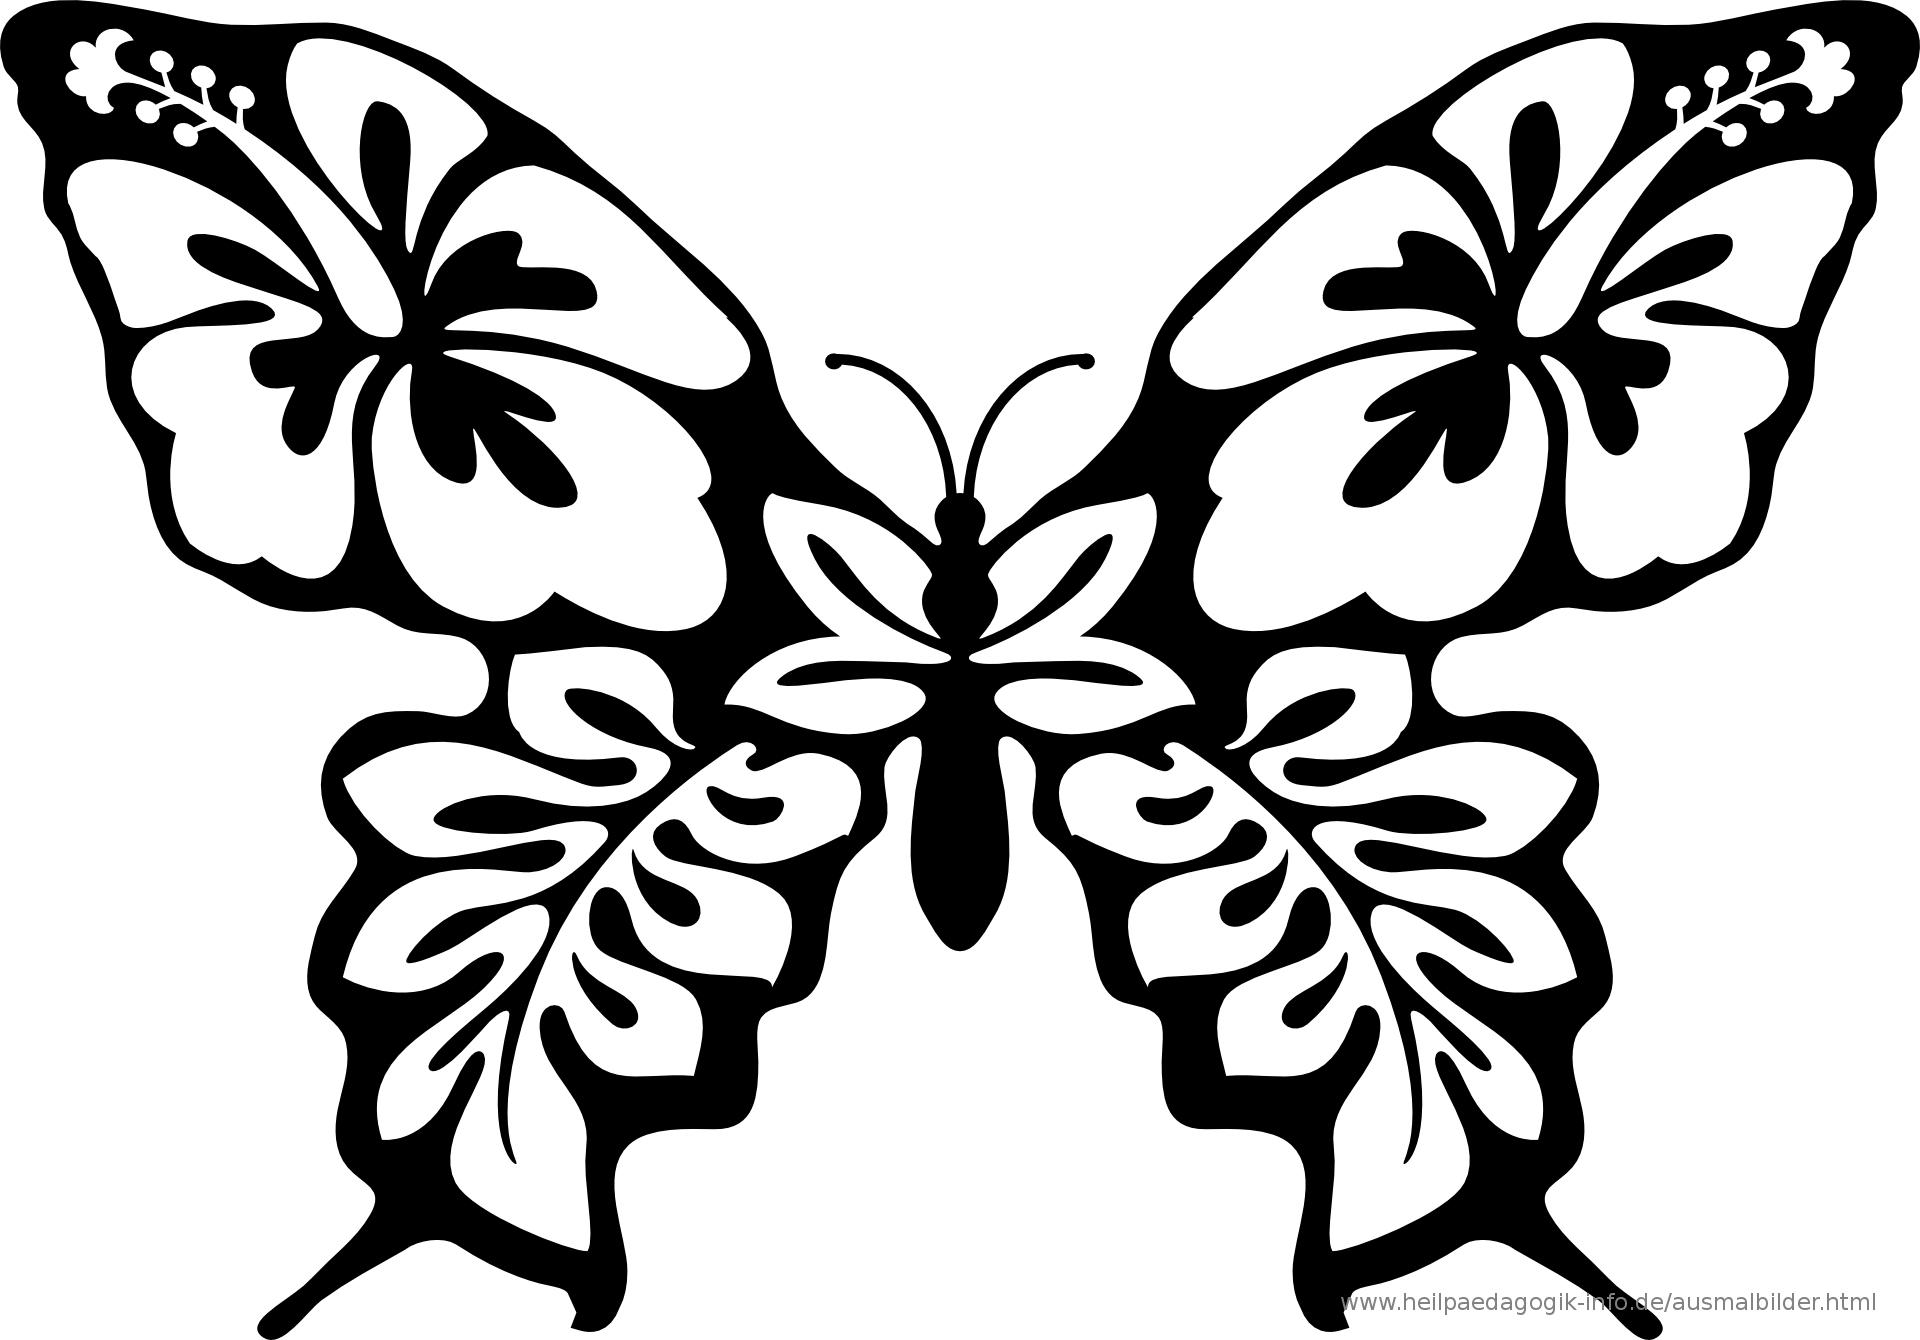 Ausmalbilder Käfer, Schmetterlinge, Insekten ganzes Malvorlage Schmetterling